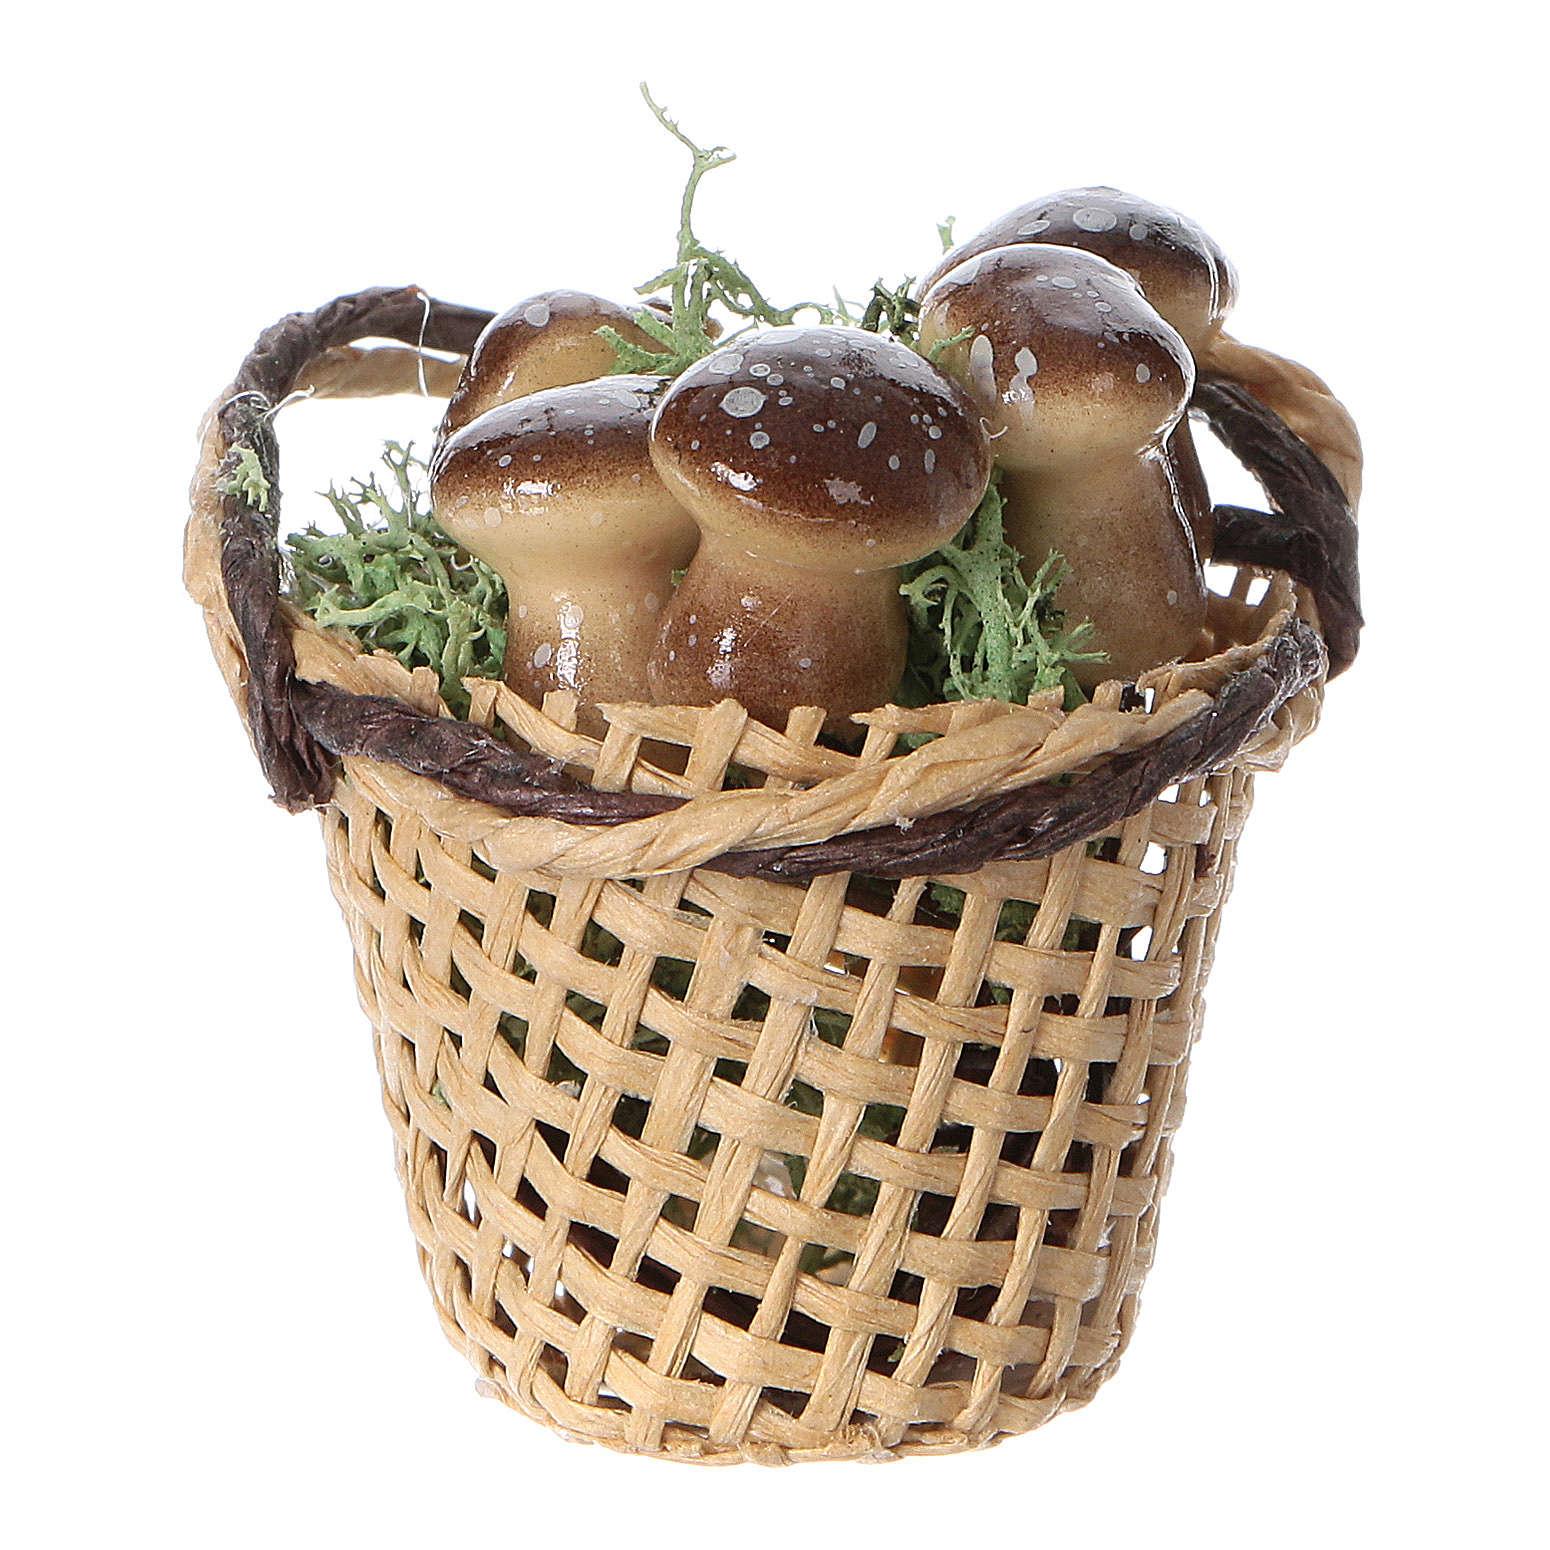 Panier avec champignons pour bricolage de crèche h réelle 4 cm 4